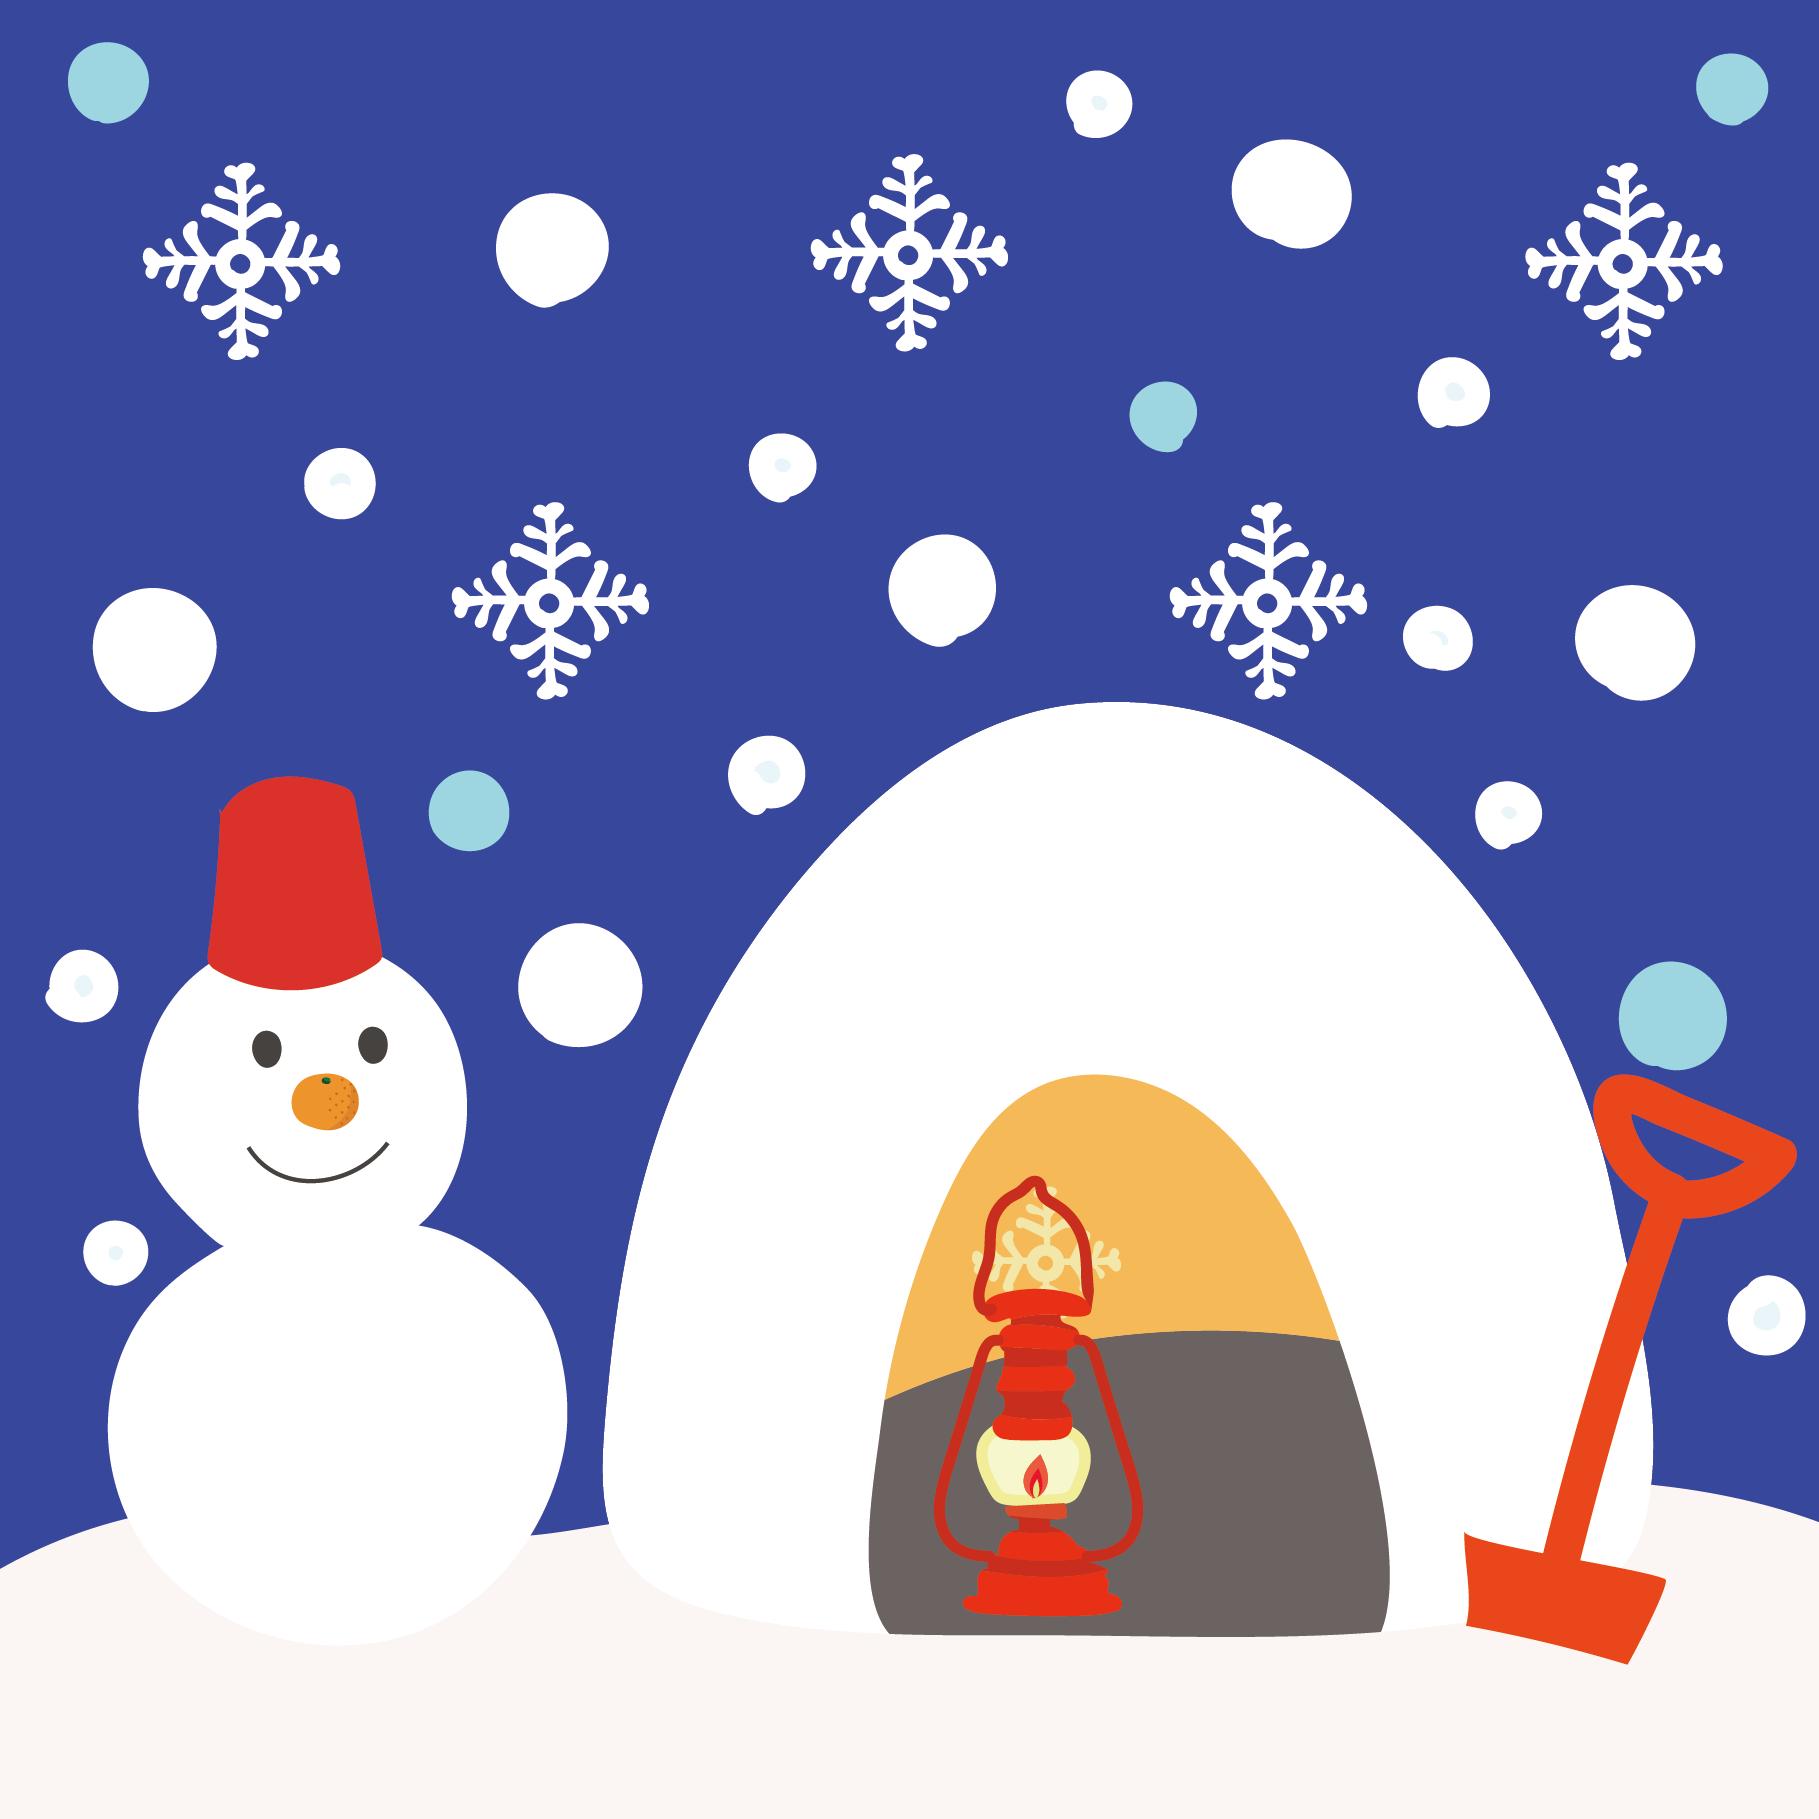 かまくら と かわいい 雪だるま の 冬 フリー イラスト 商用フリー